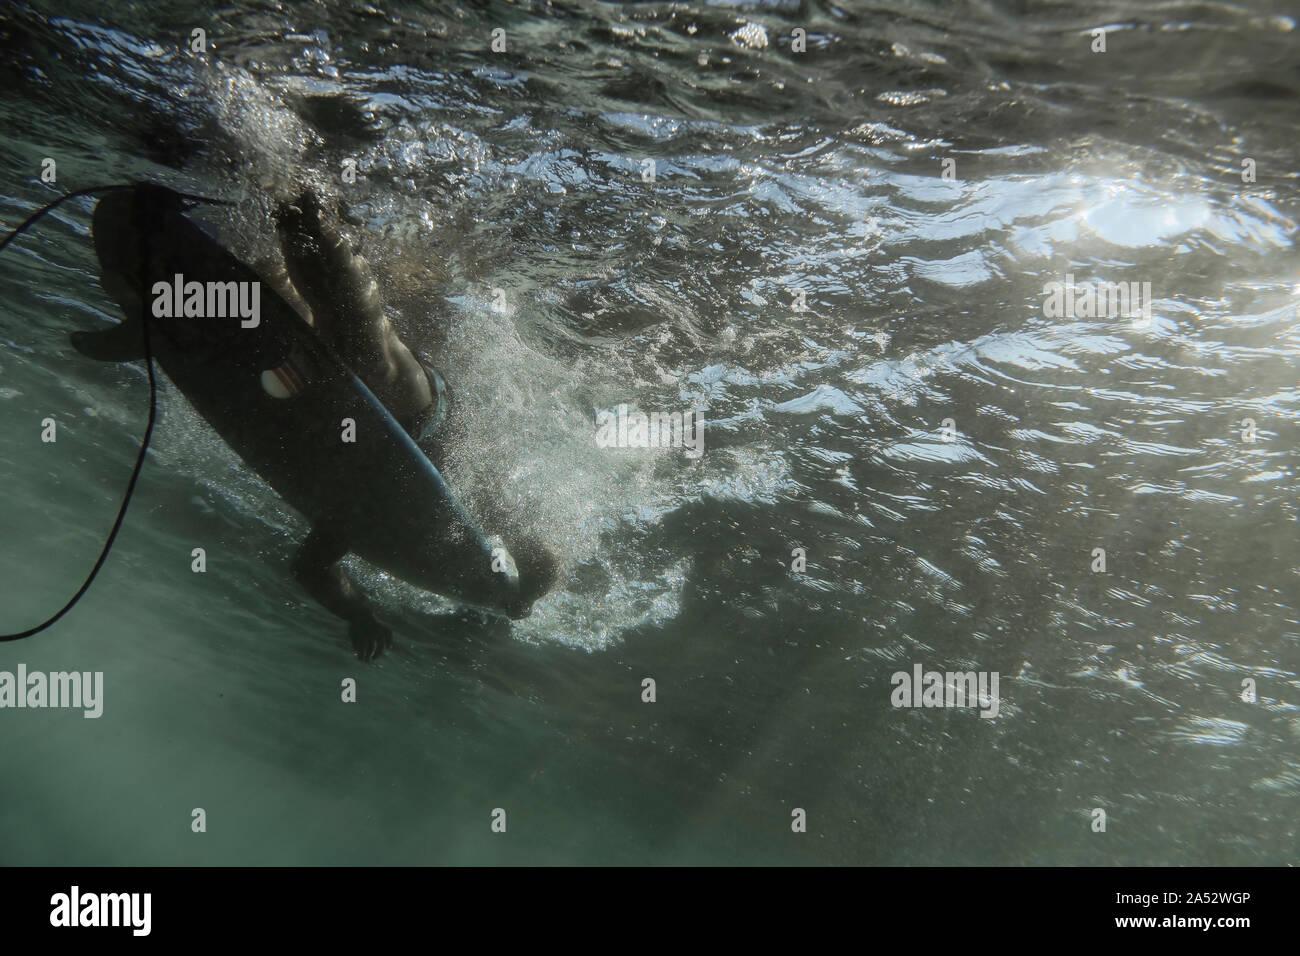 Bajo el agua vista de onda, surfer sentados sobre tablas de surf, filmación subacuática, Sumbawa, Indonesia Foto de stock